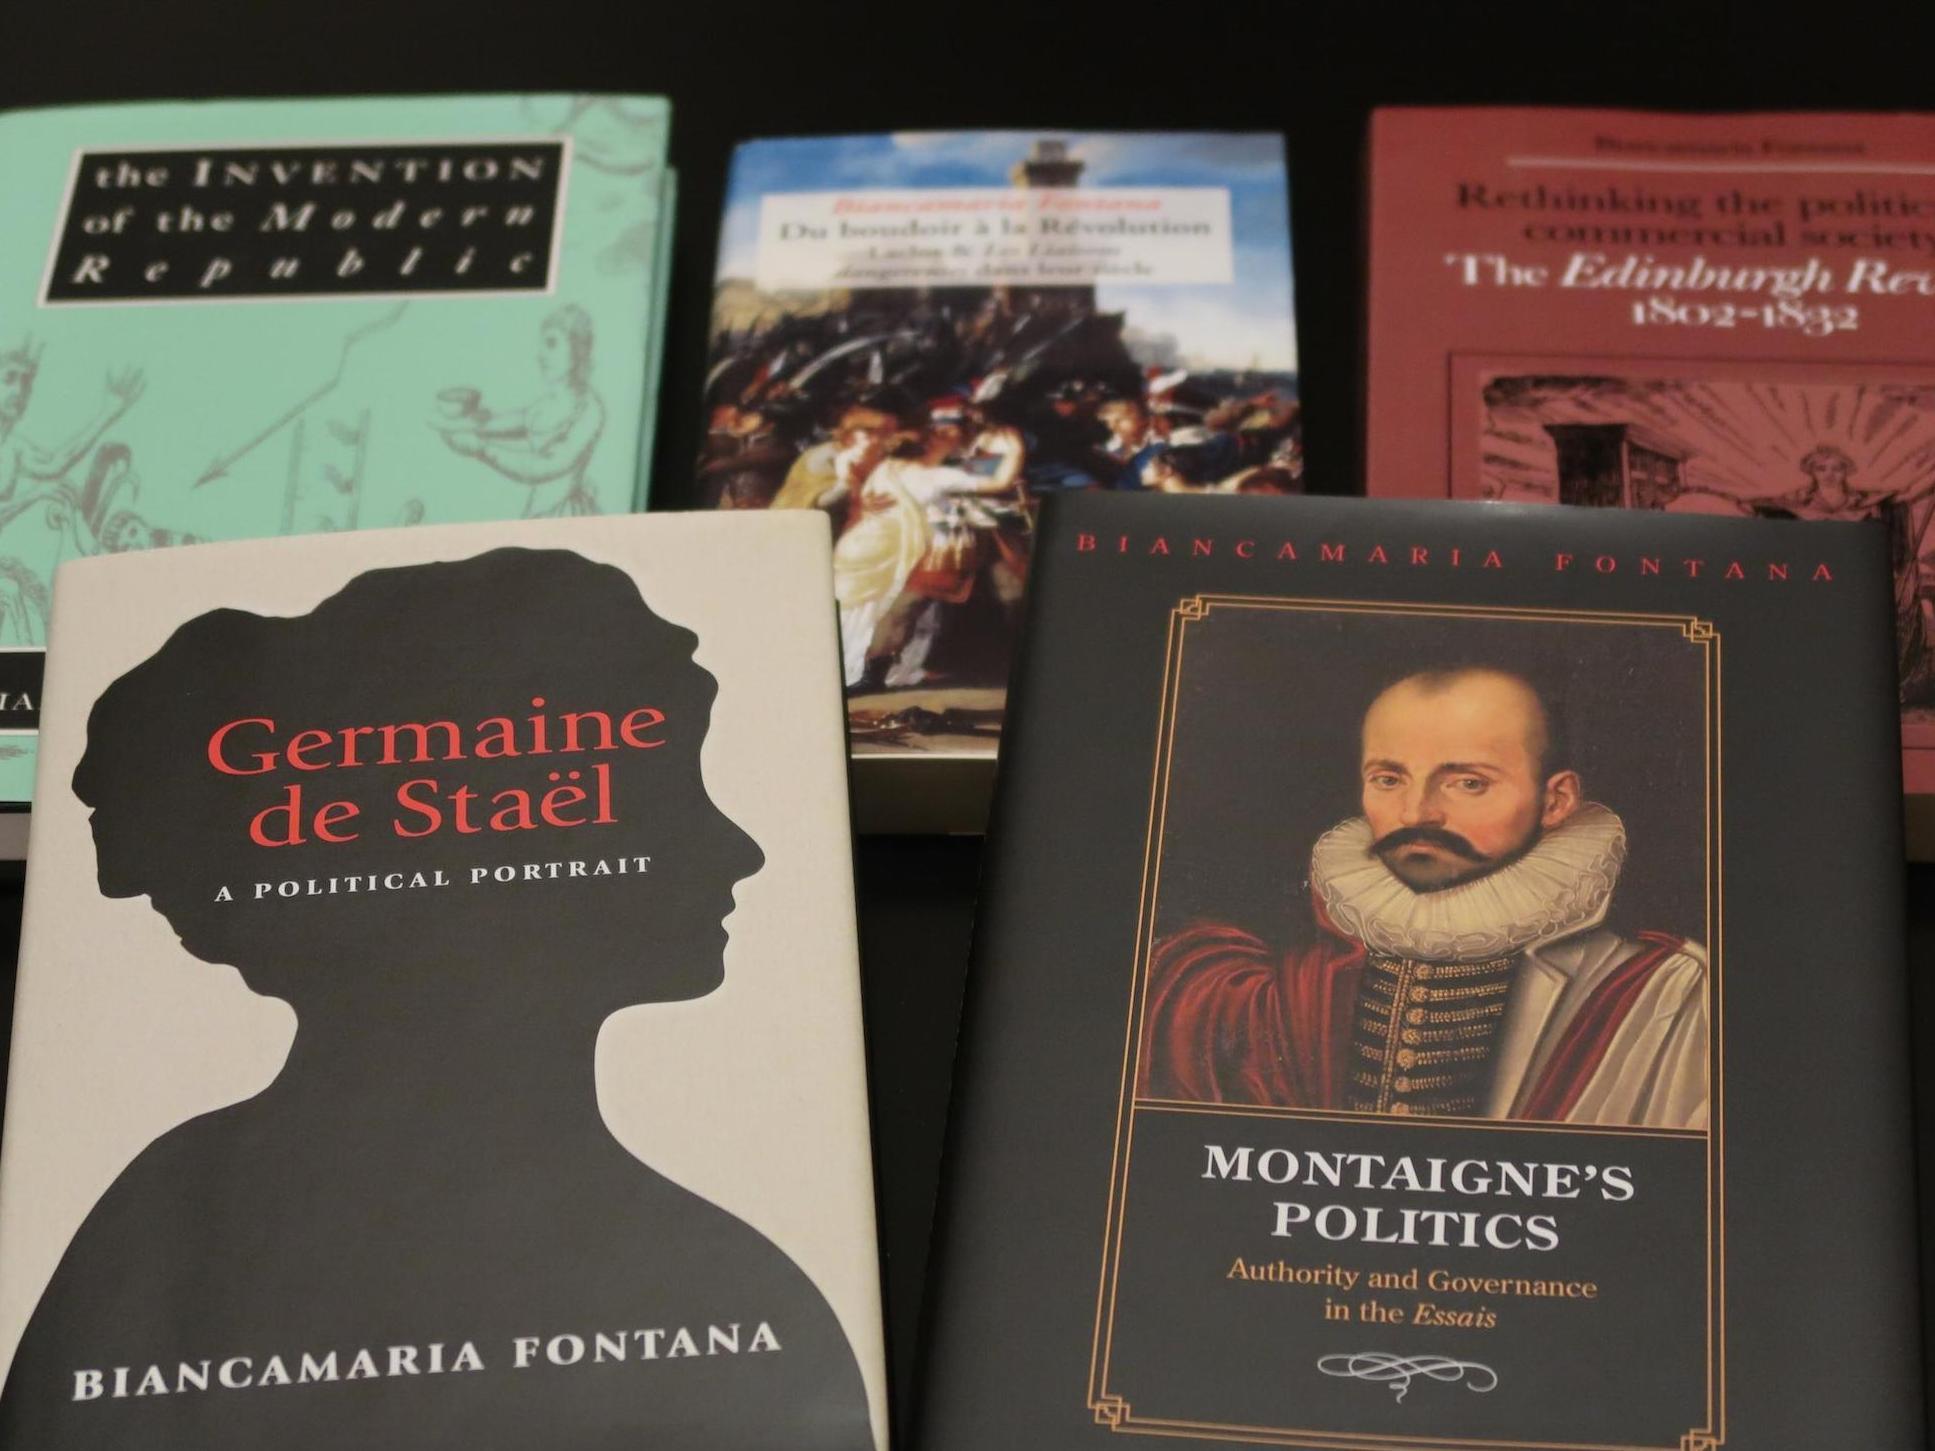 La liberté des anciens et des modernes, deux cents ans après Benjamin Constant